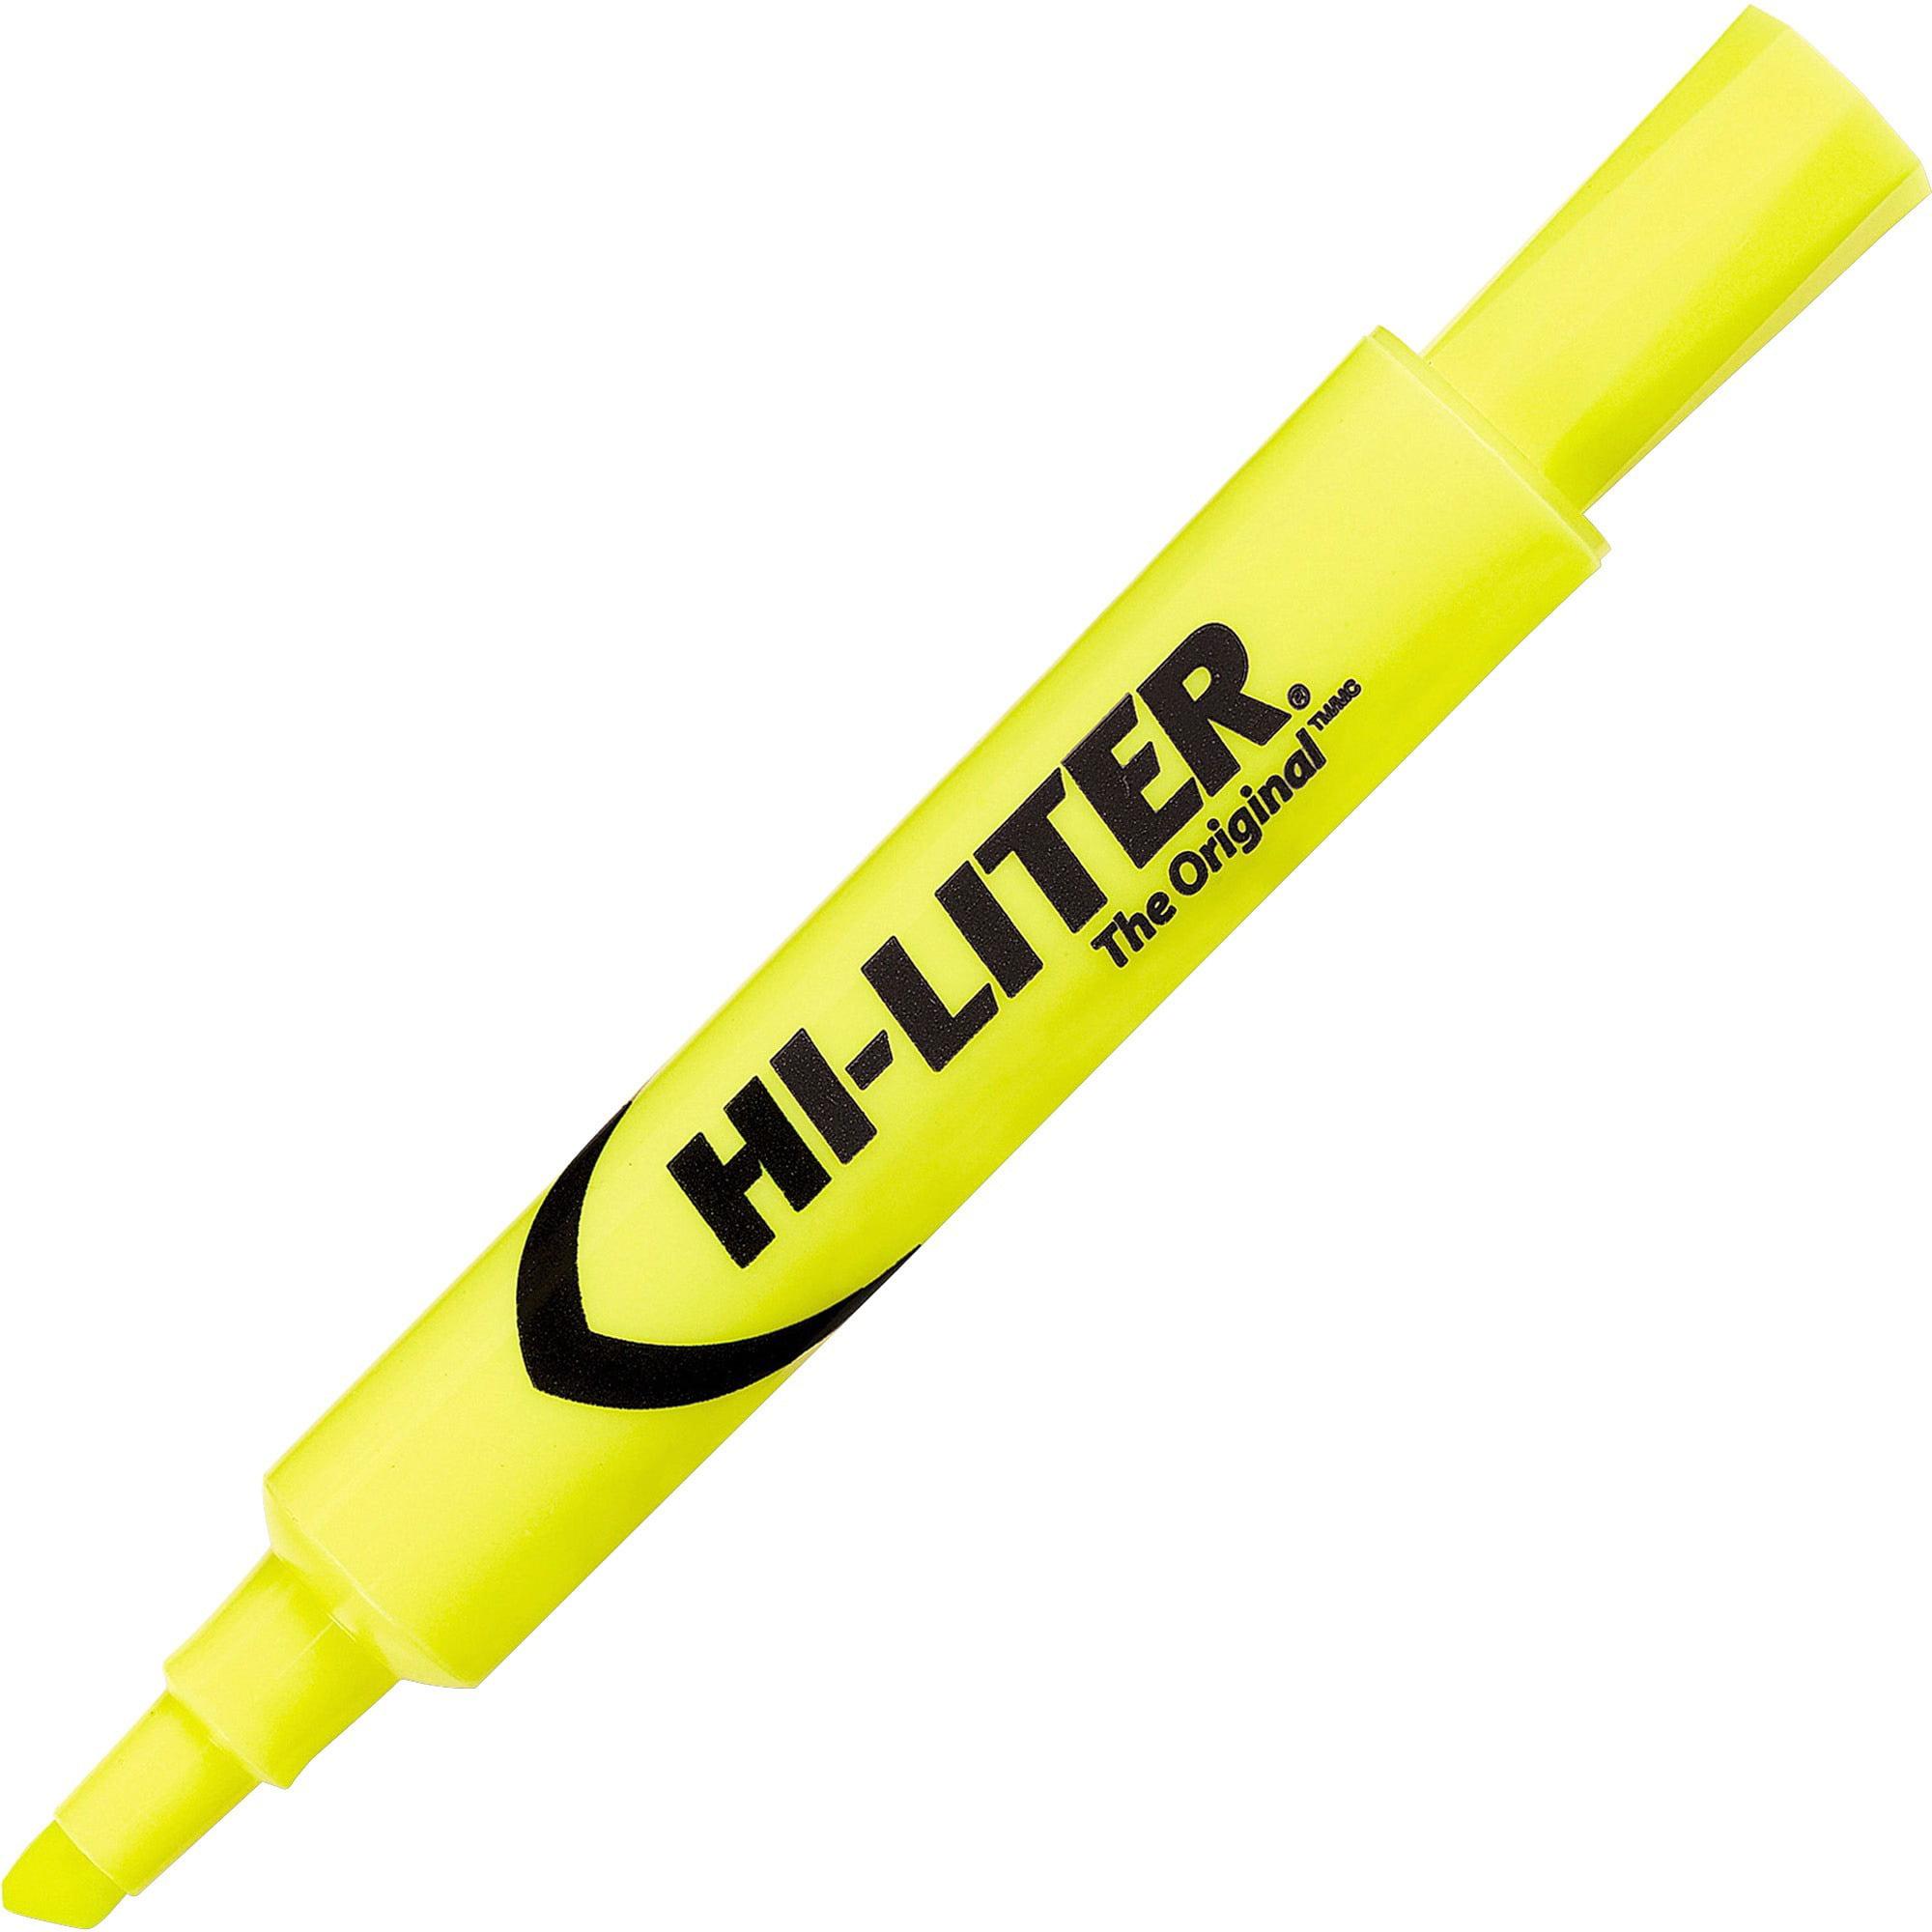 Avery HI-LITER Desk-Style Highlighter, Chisel Tip, Yellow Ink, Dozen